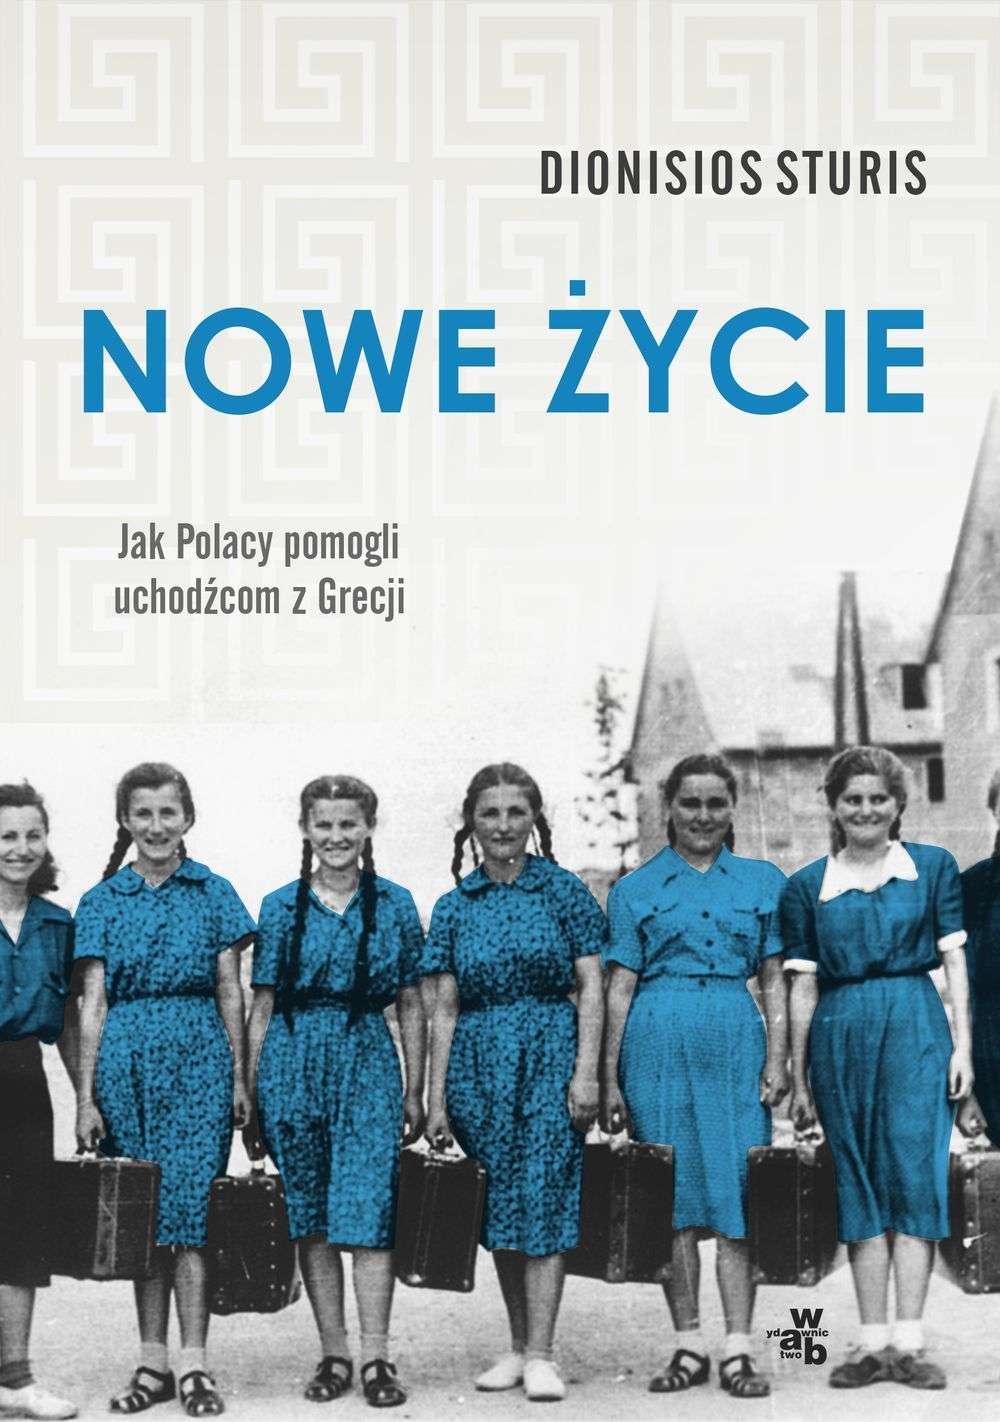 Nowe_zycie._Jak_Polacy_pomogli_uchodzcom_z_Grecji